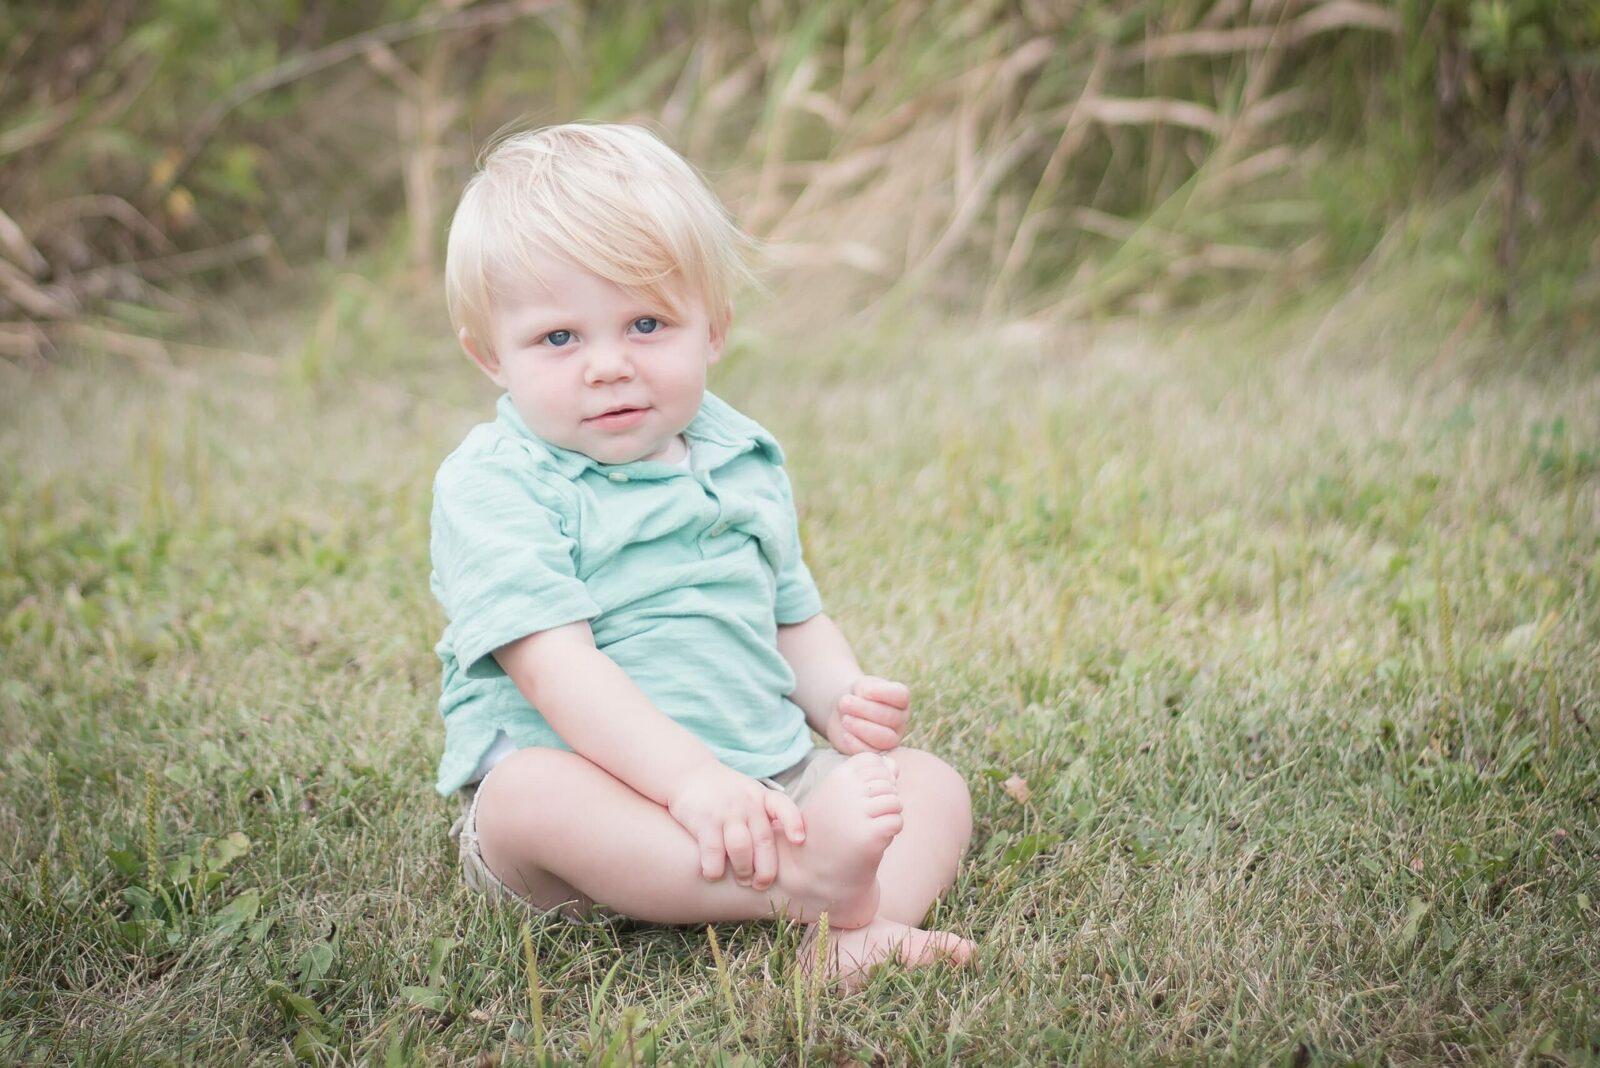 9 month old boy sitting in grassy field